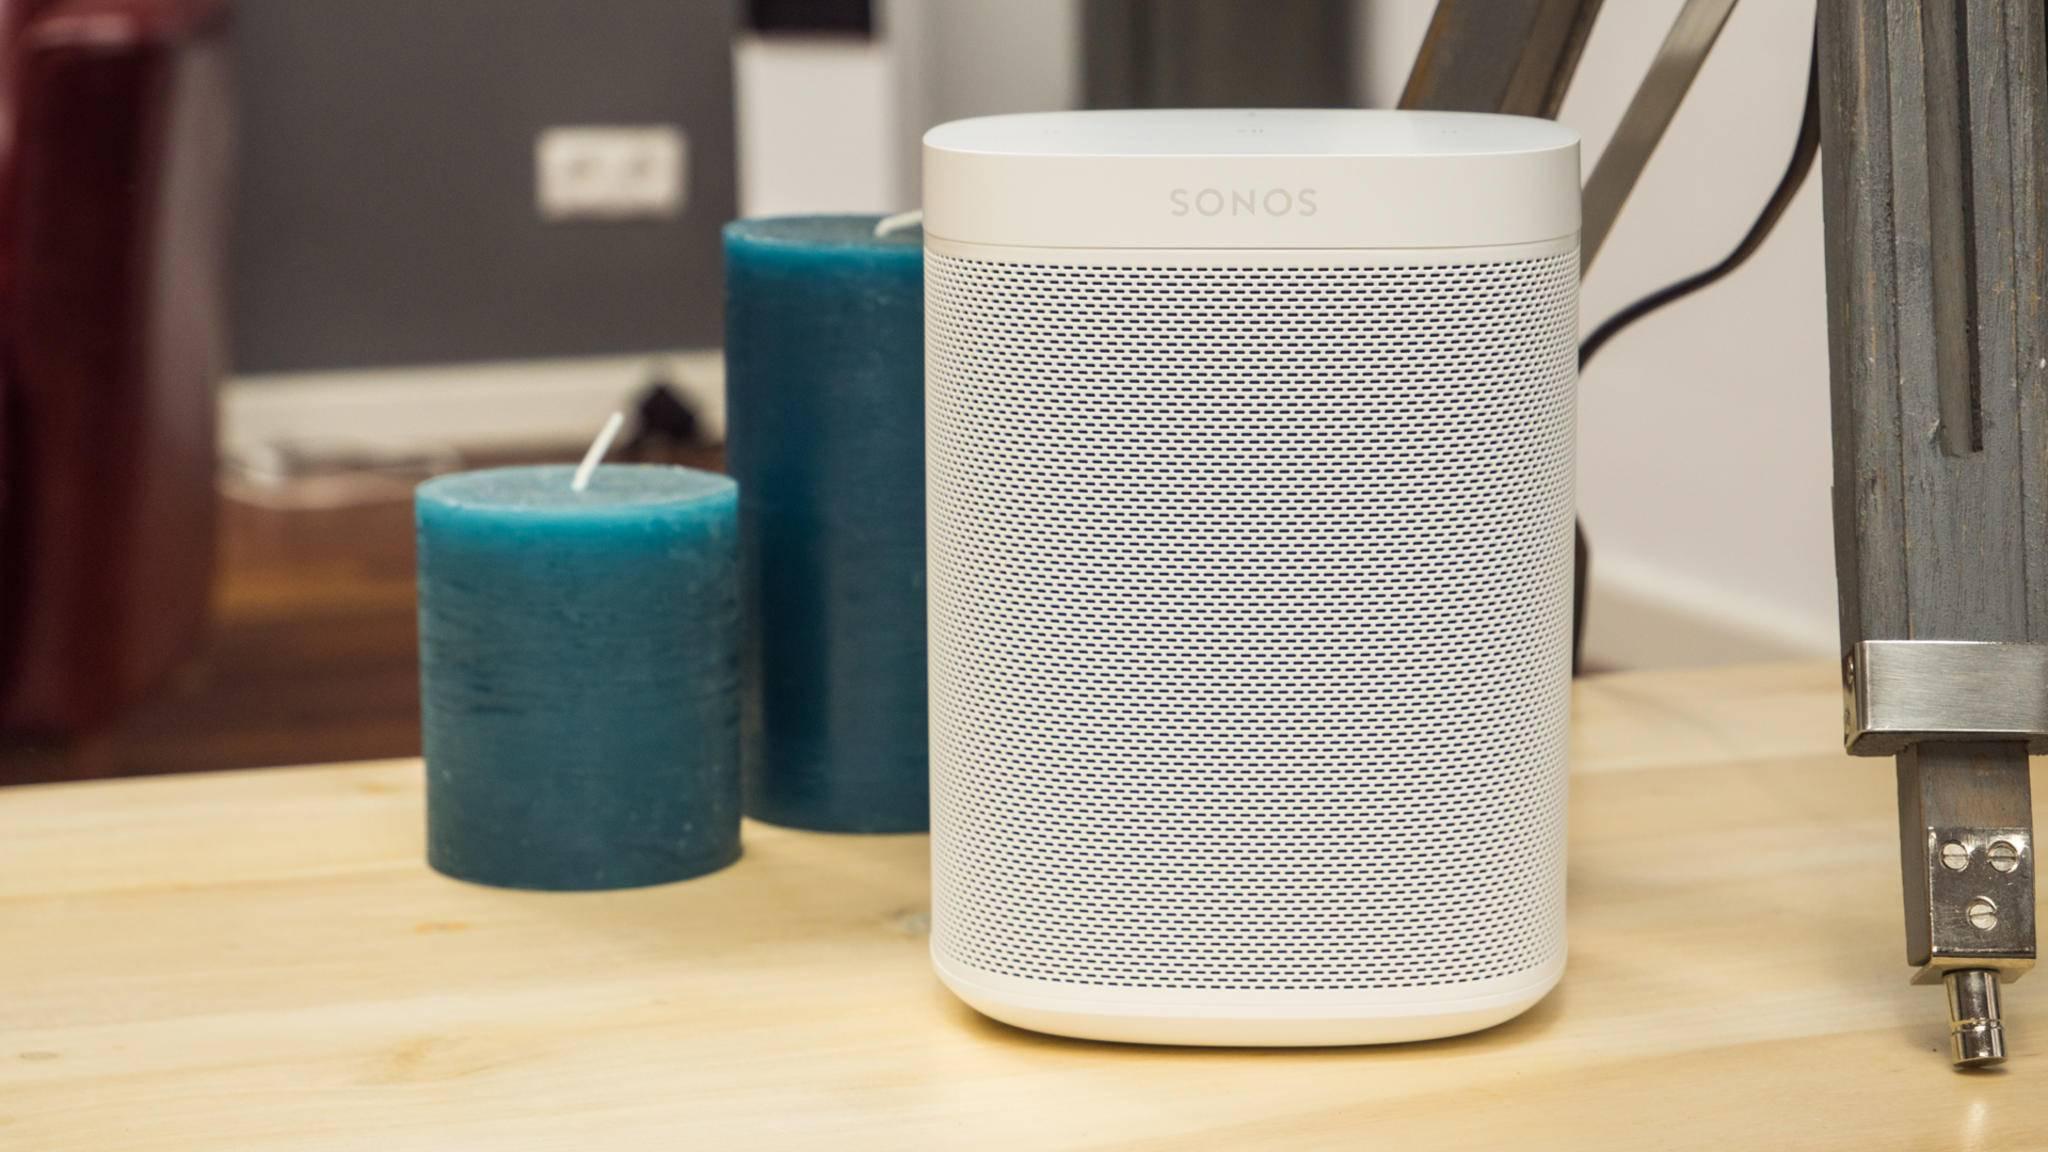 Wir verraten, wie Du Deinen Sonos-Lautsprecher mit Alexa steuern kannst.